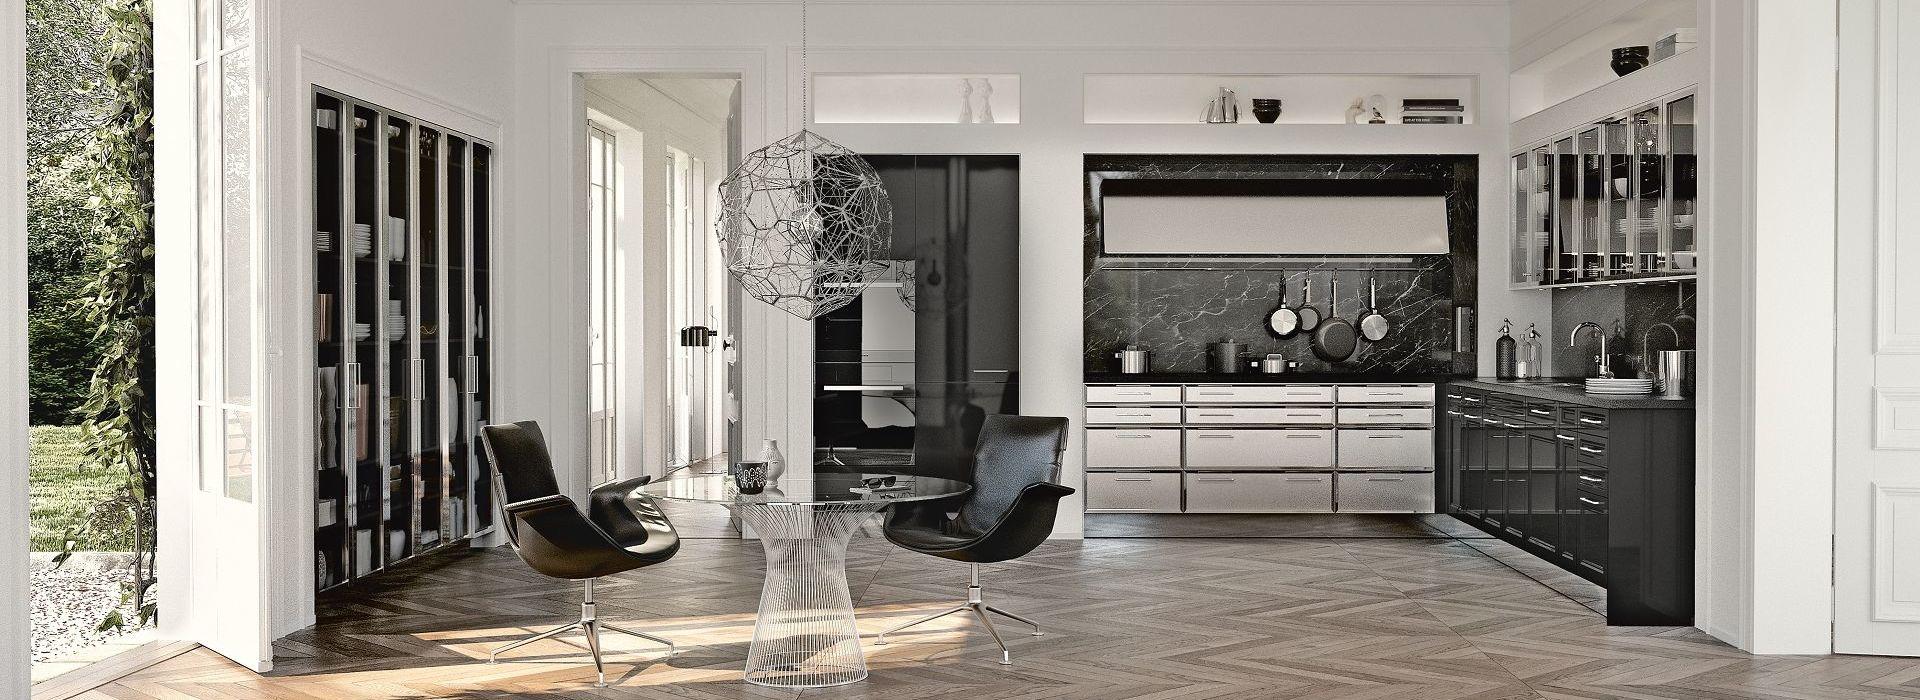 Luxus-Küchen von zeitloser Eleganz | SieMatic